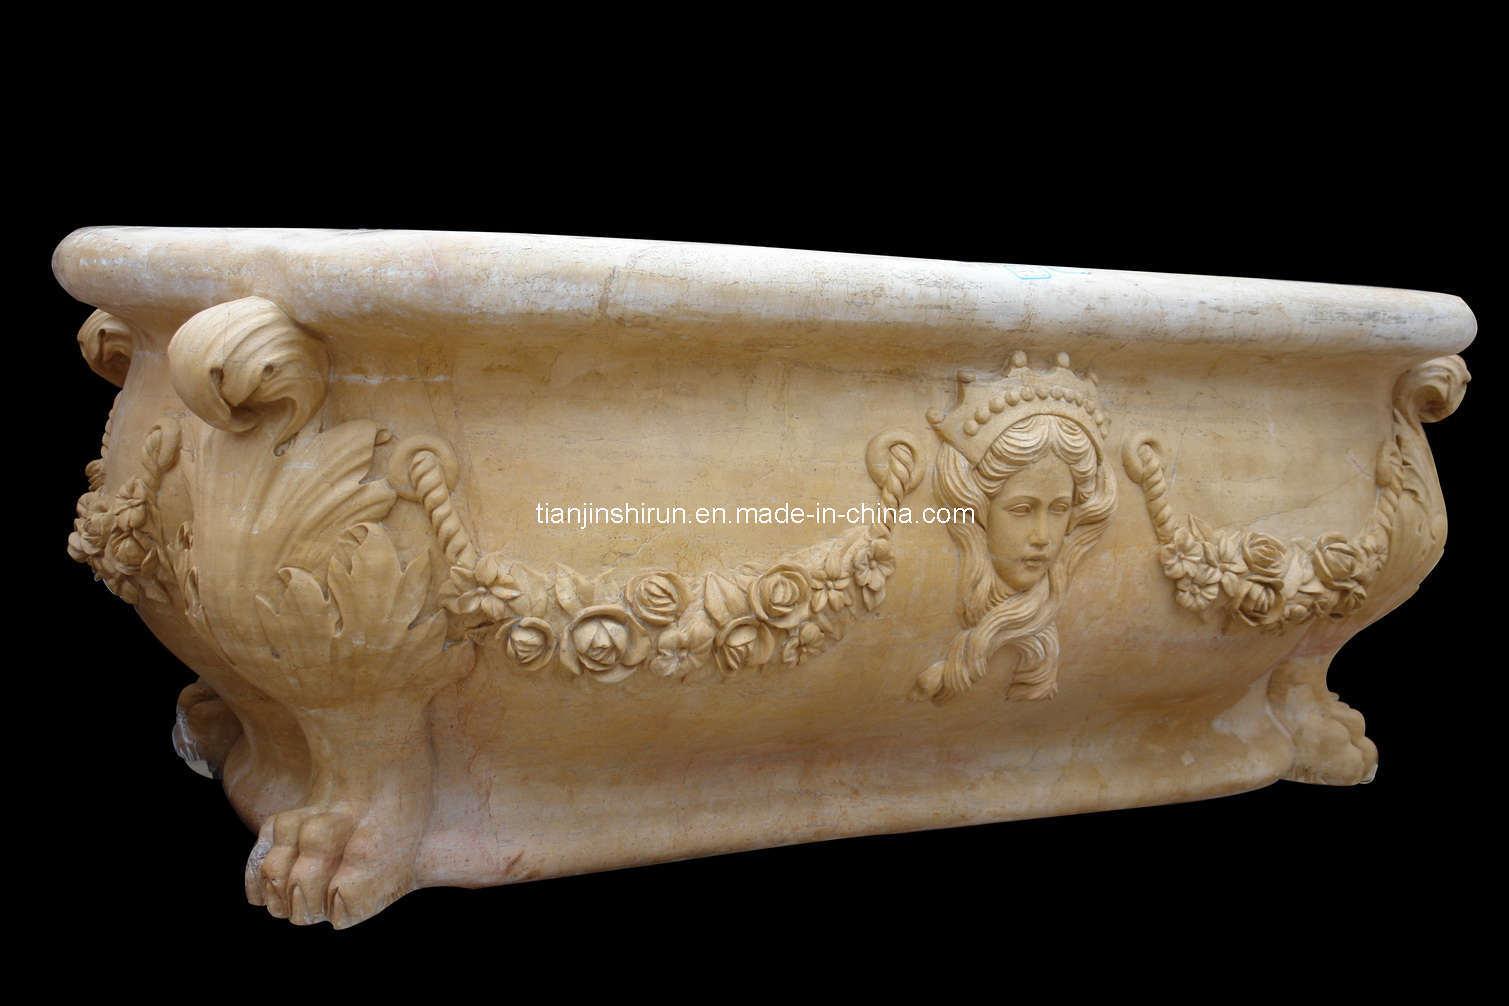 Vasca da bagno di pietra di scultura di marmo gialla btb302 vasca da bagno di pietra di - Vasche da bagno in pietra ...